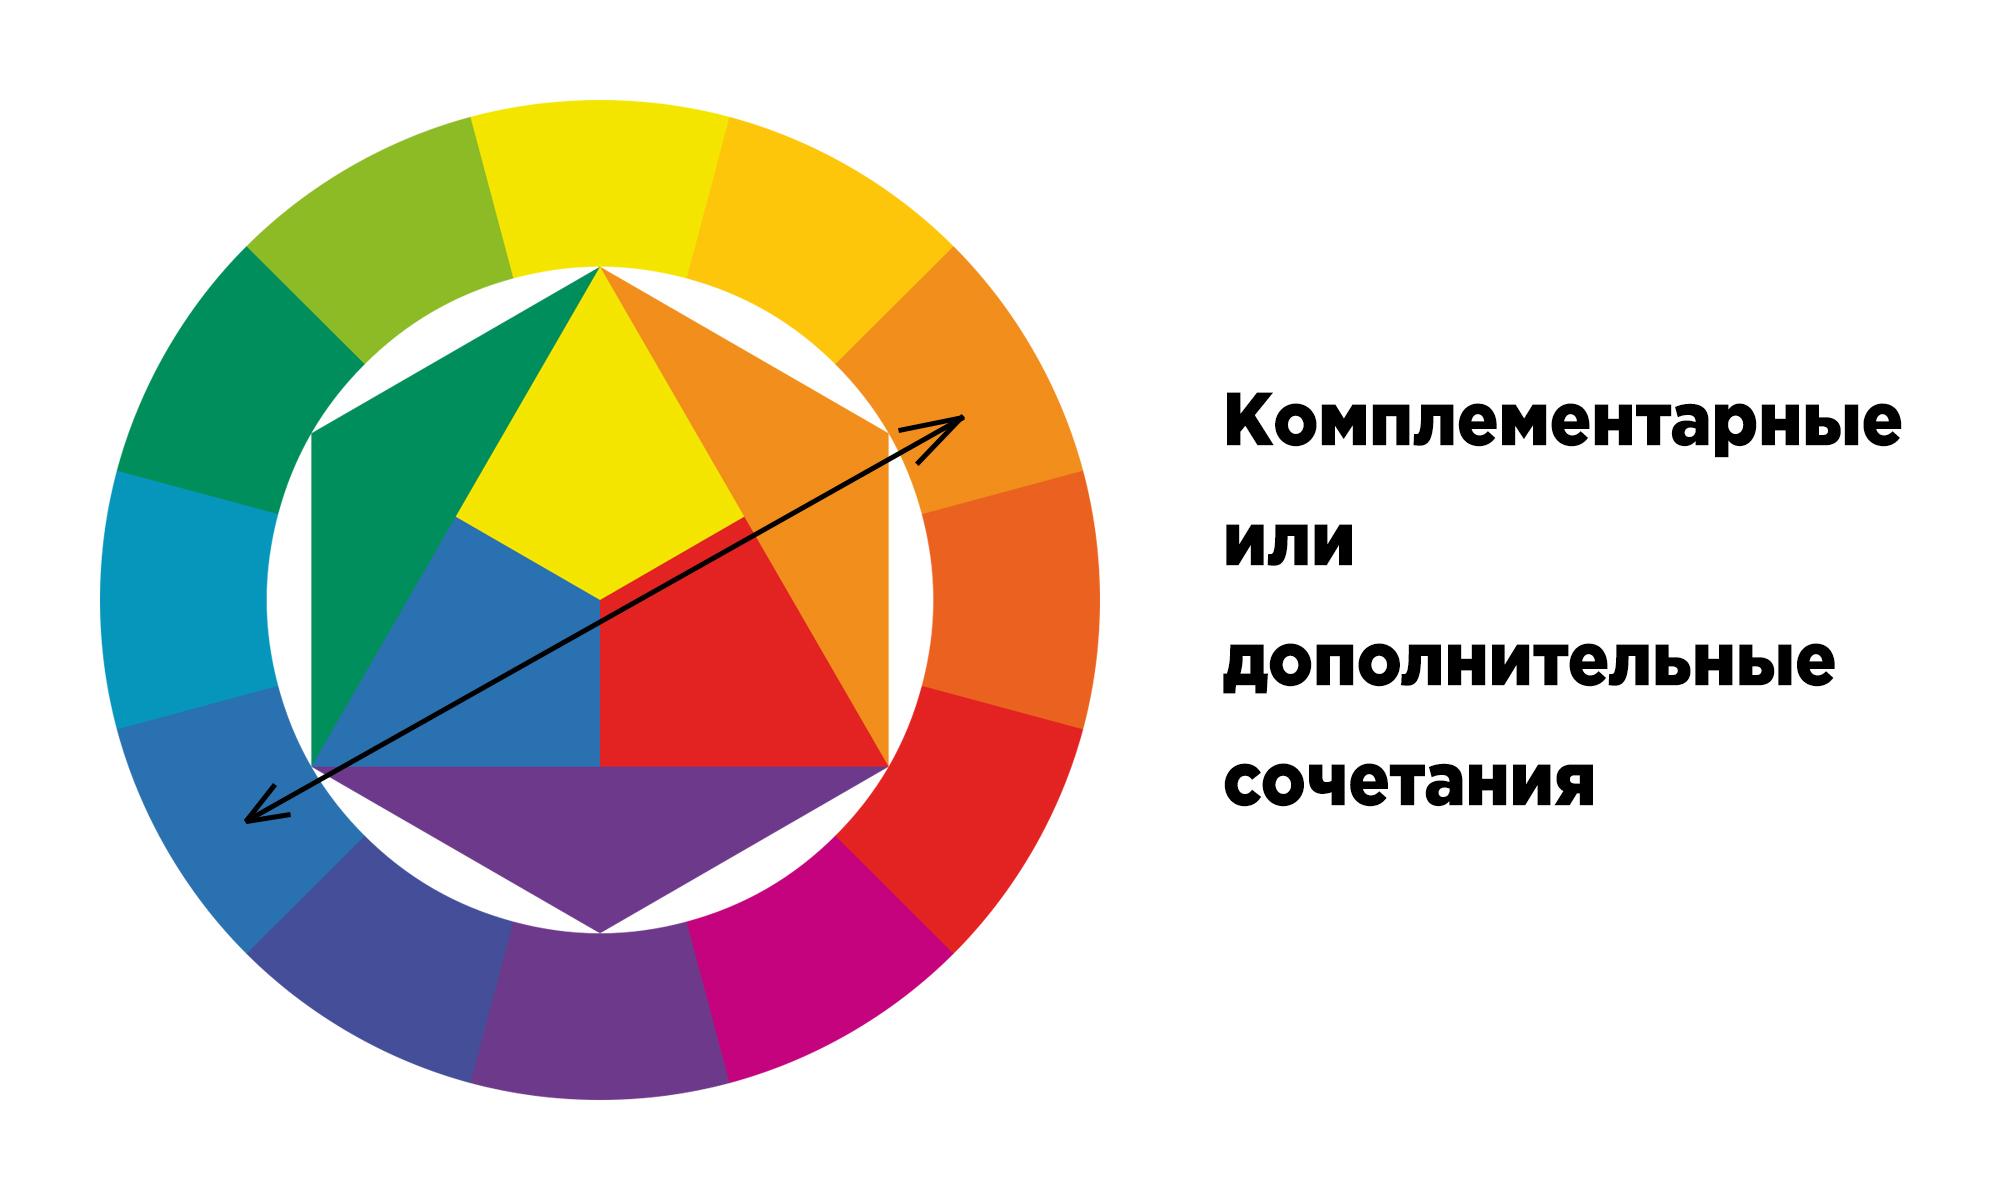 Определяем дополнительные, комплиментарные цвета по схеме Иттена